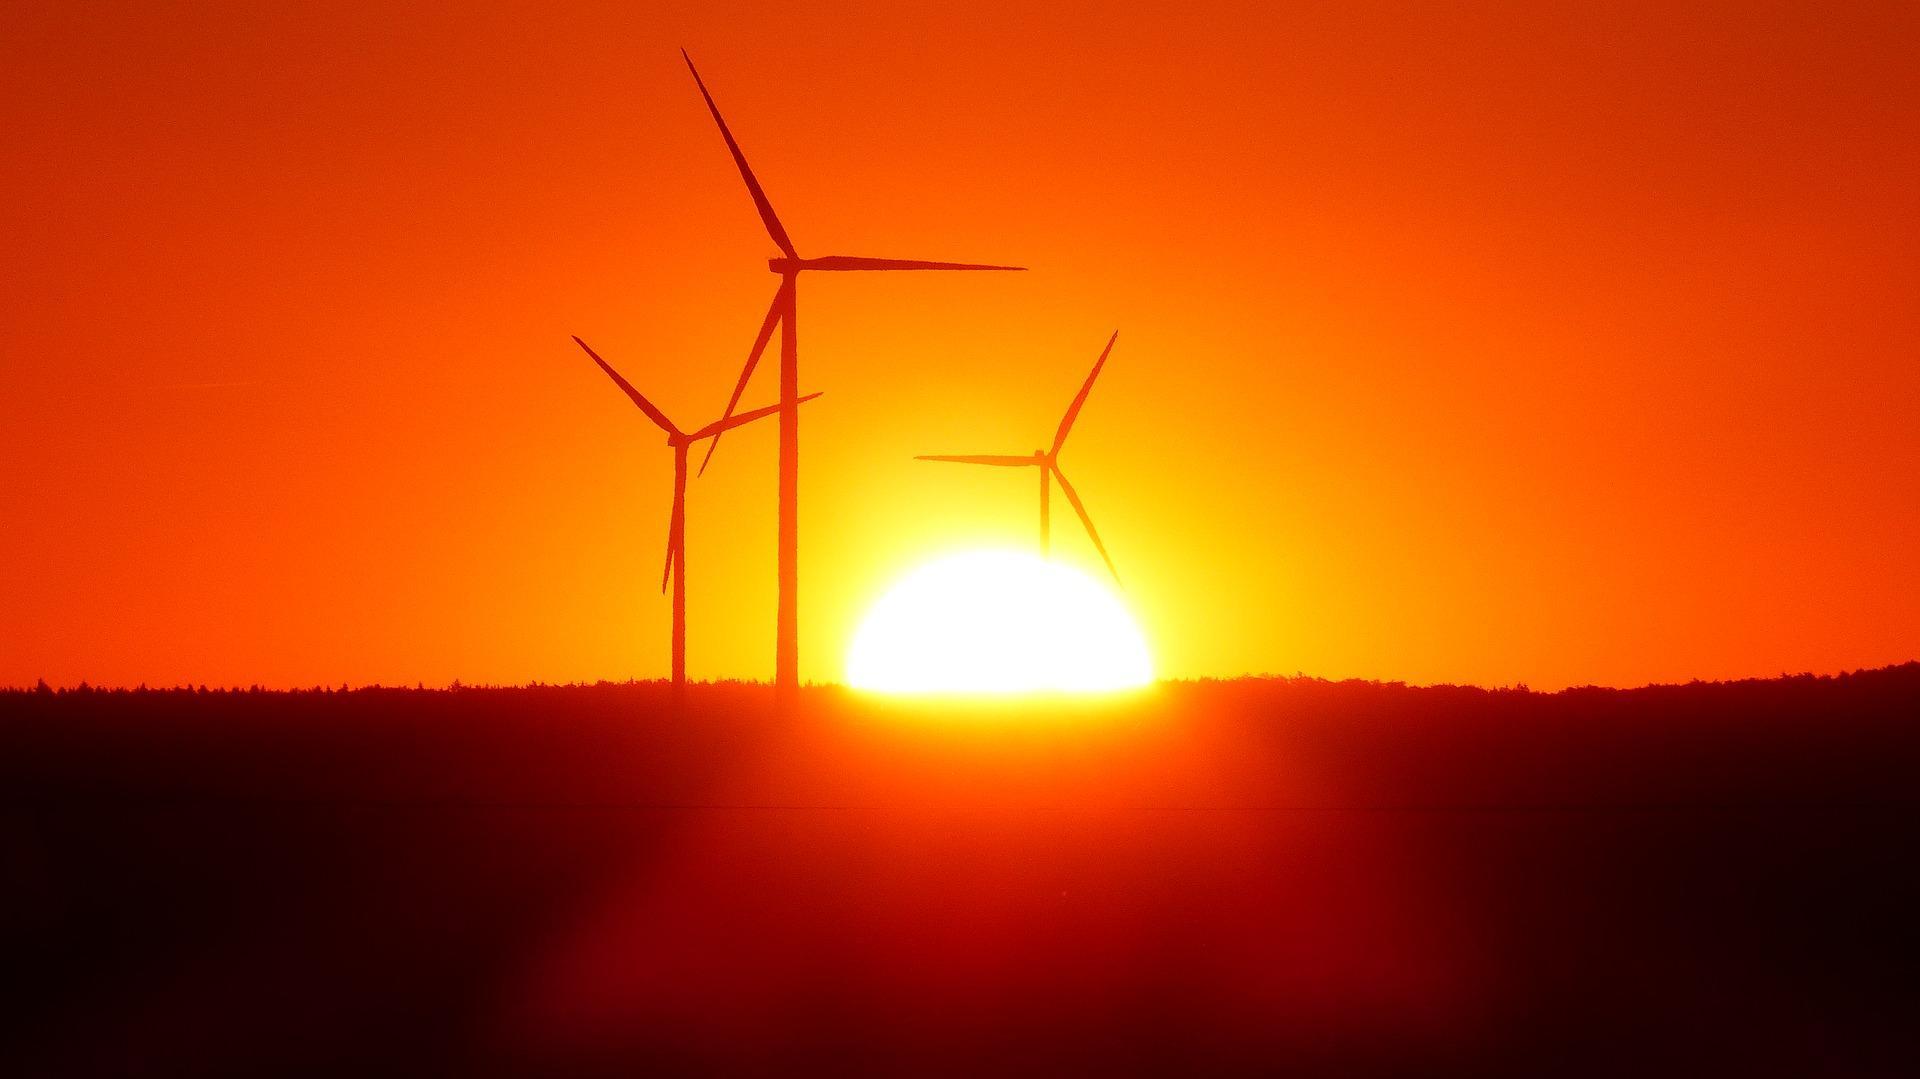 Errichtung von Windenergieanlagen